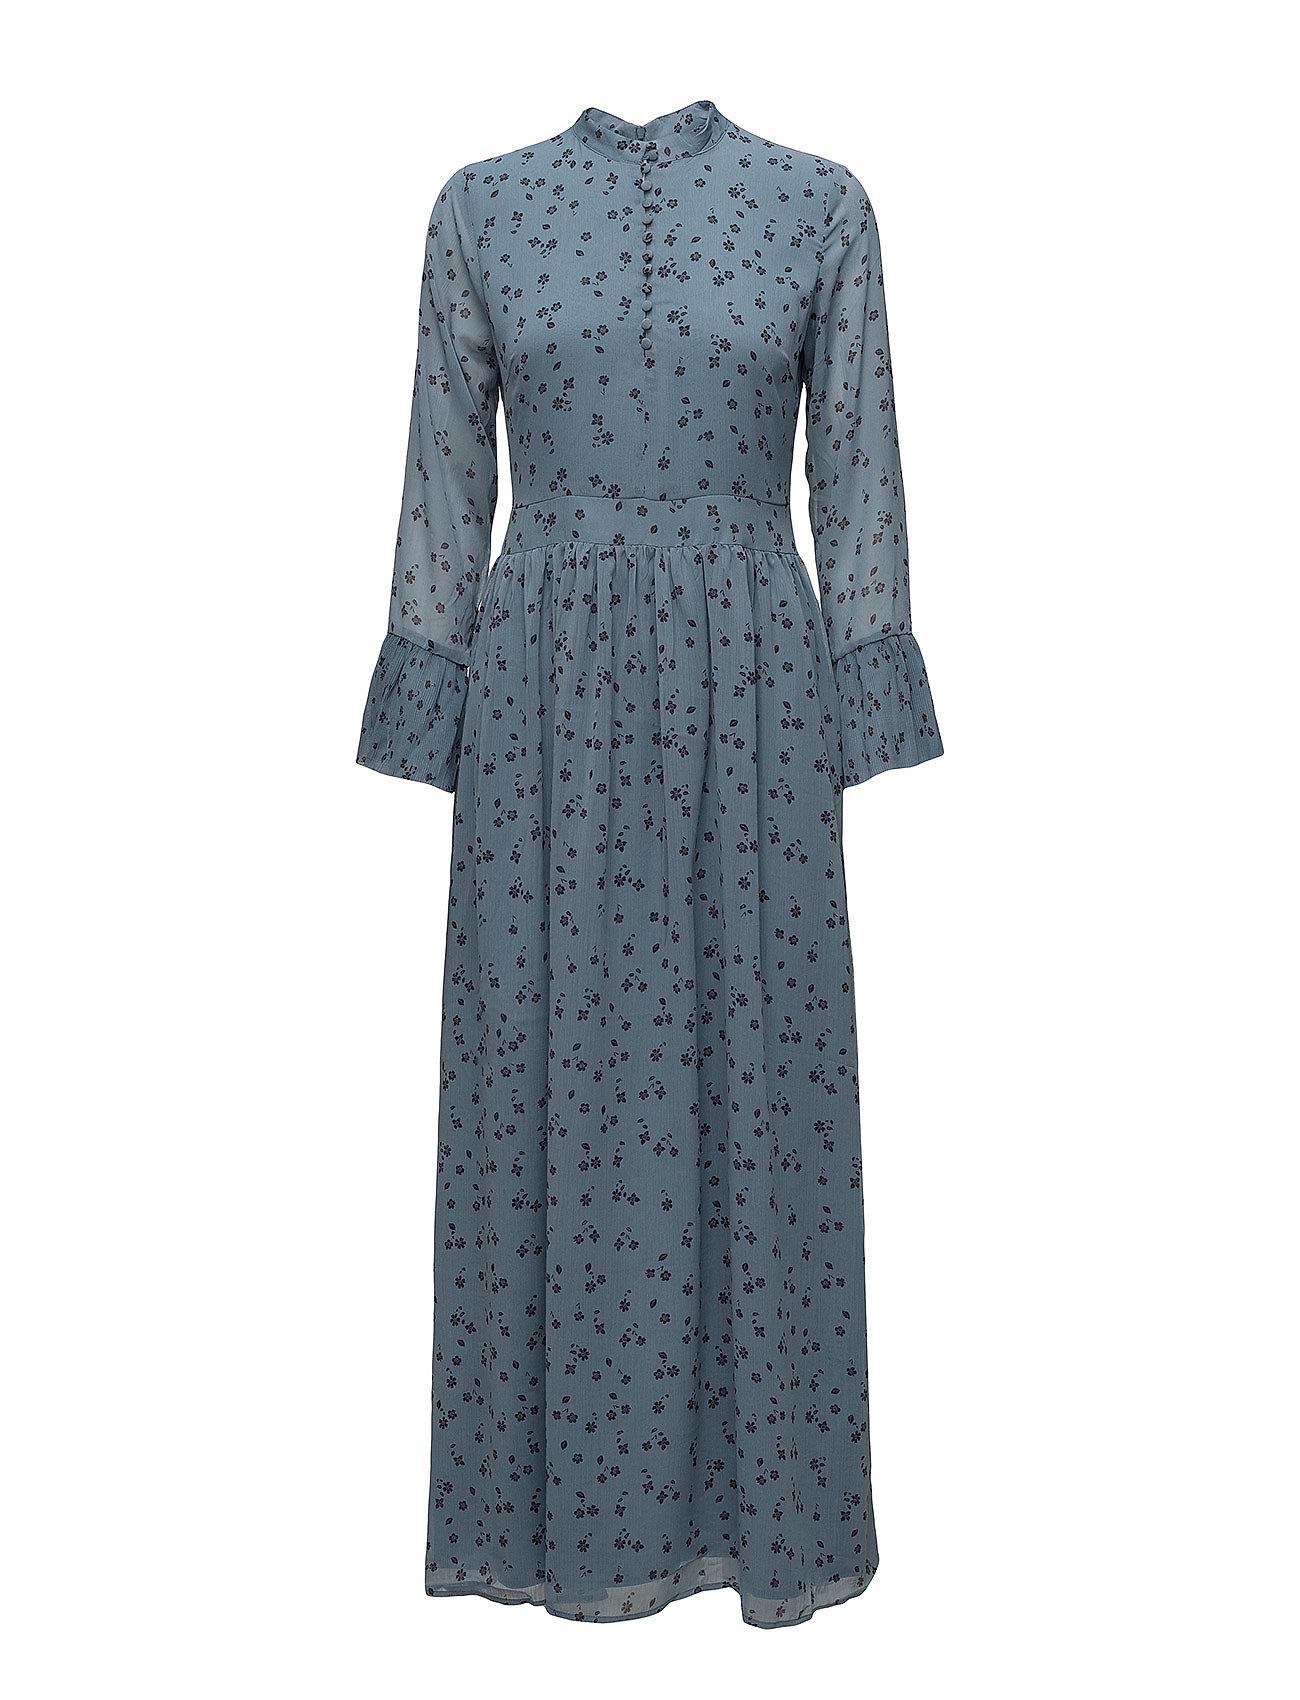 Gestuz Jeanett long dress MS18